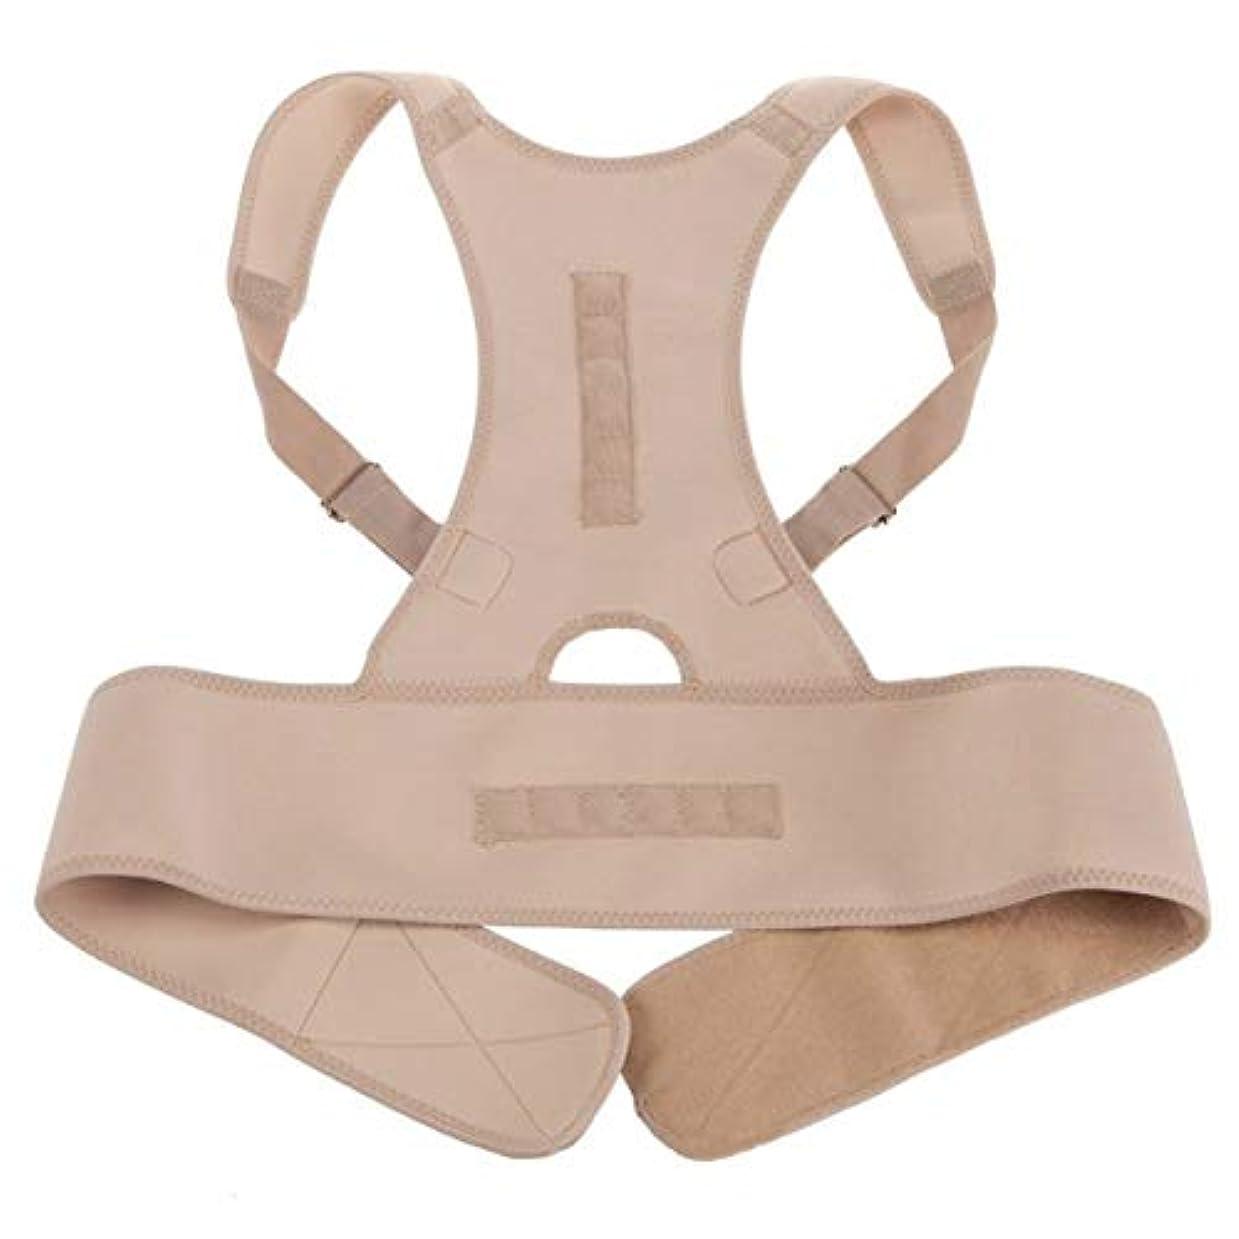 露葉用量ネオプレン磁気姿勢補正器バッドバック腰椎肩サポート腰痛ブレースバンドベルトユニセックス快適な服装 - ブラック2 XL